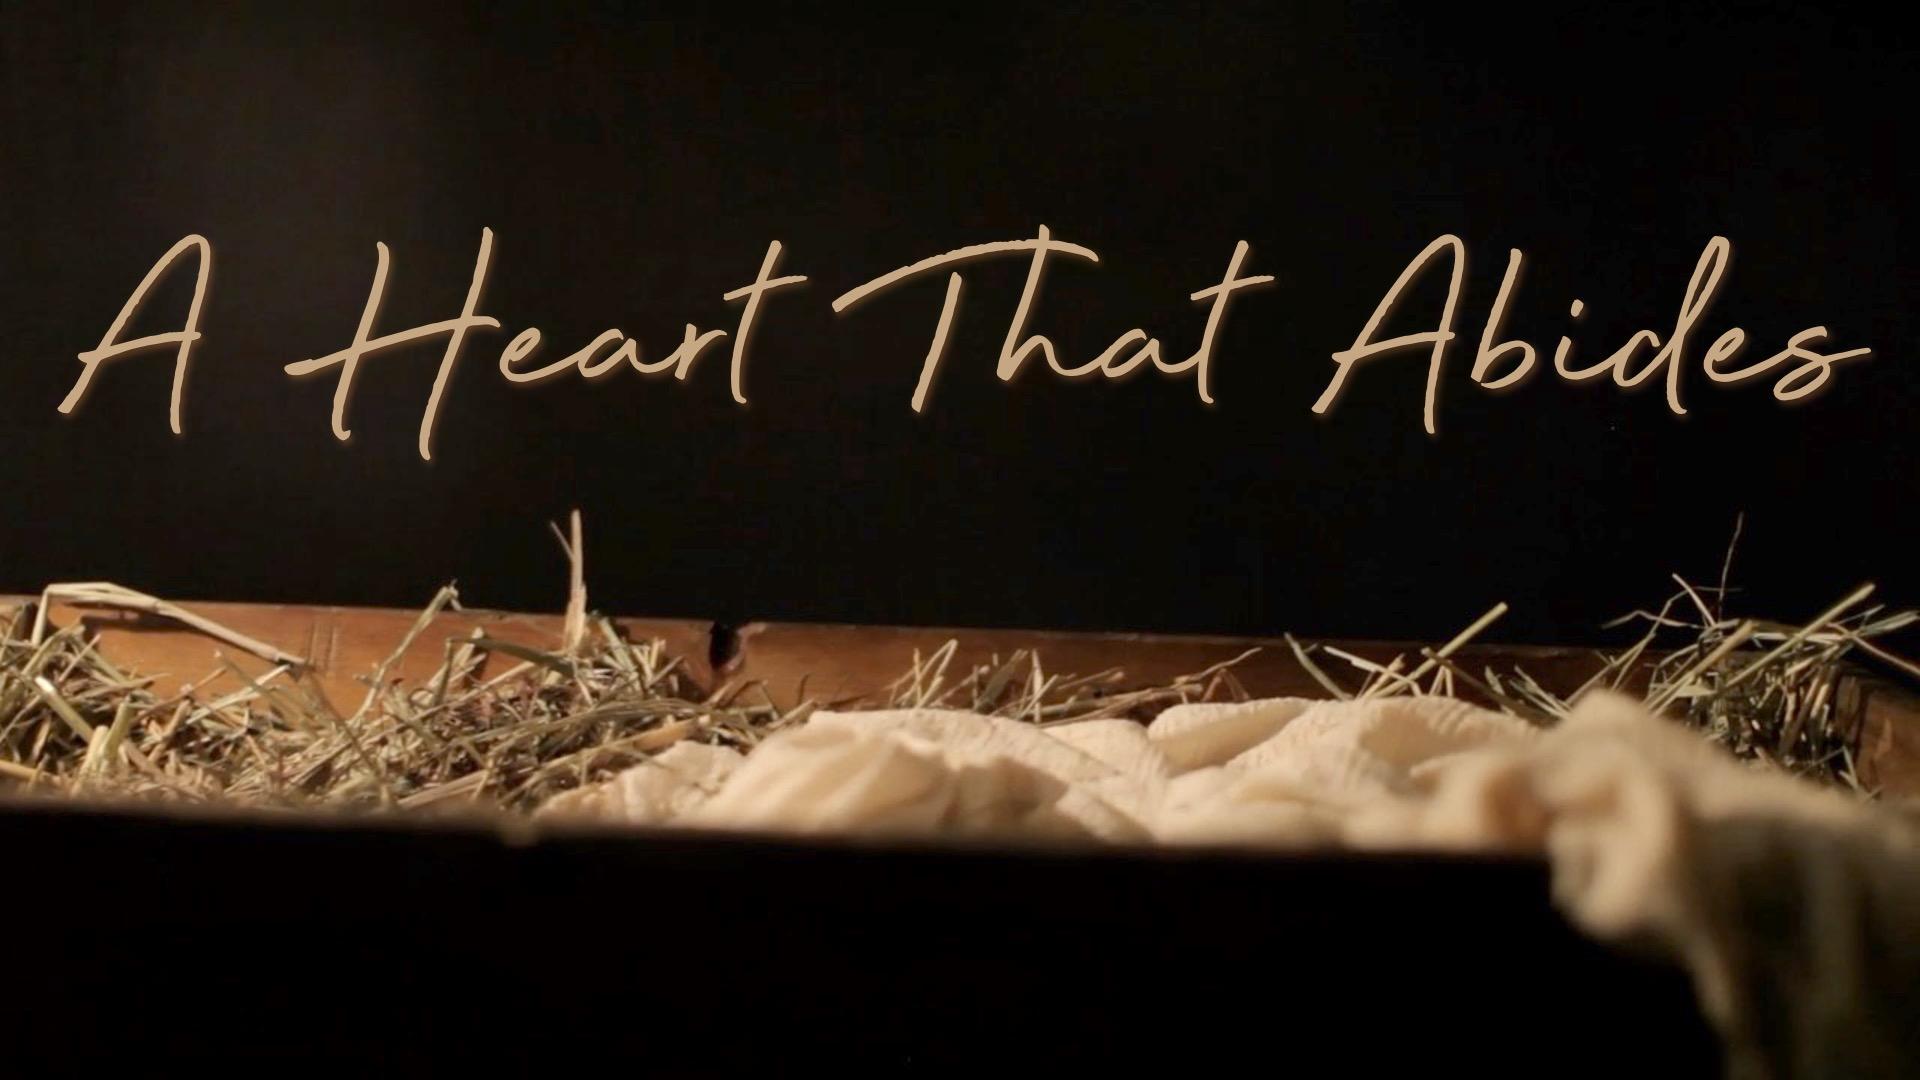 A Heart That Abides